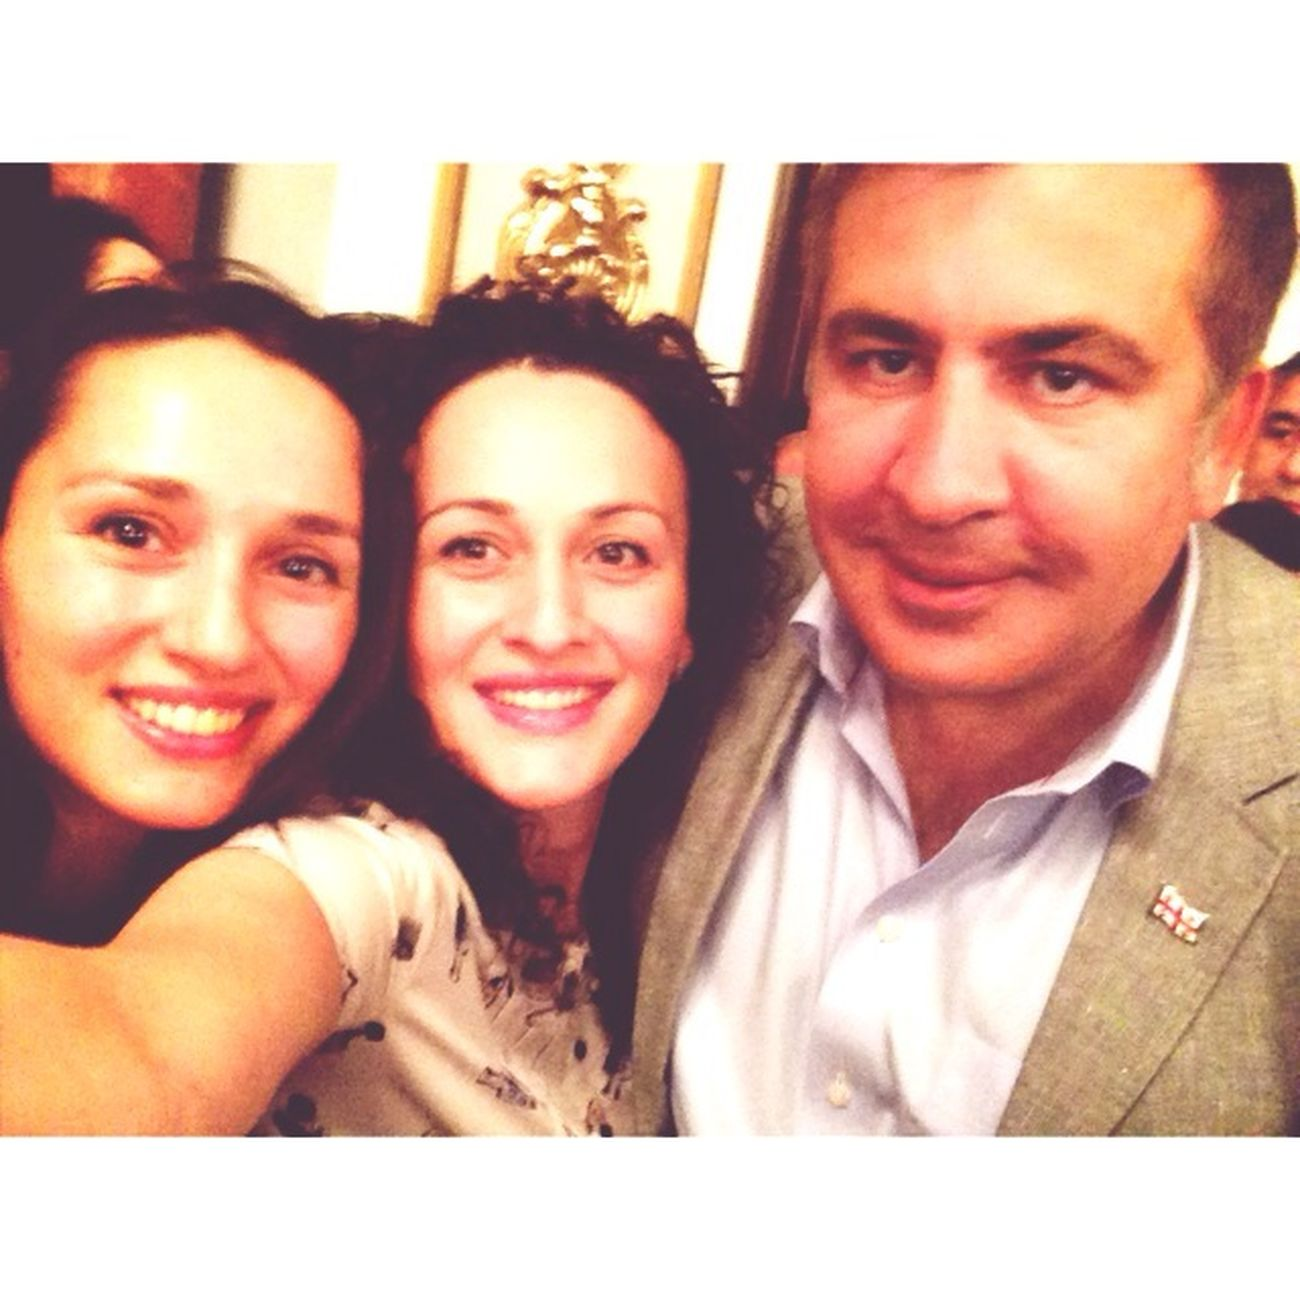 Saakashvili Prezident Selfi Hello World